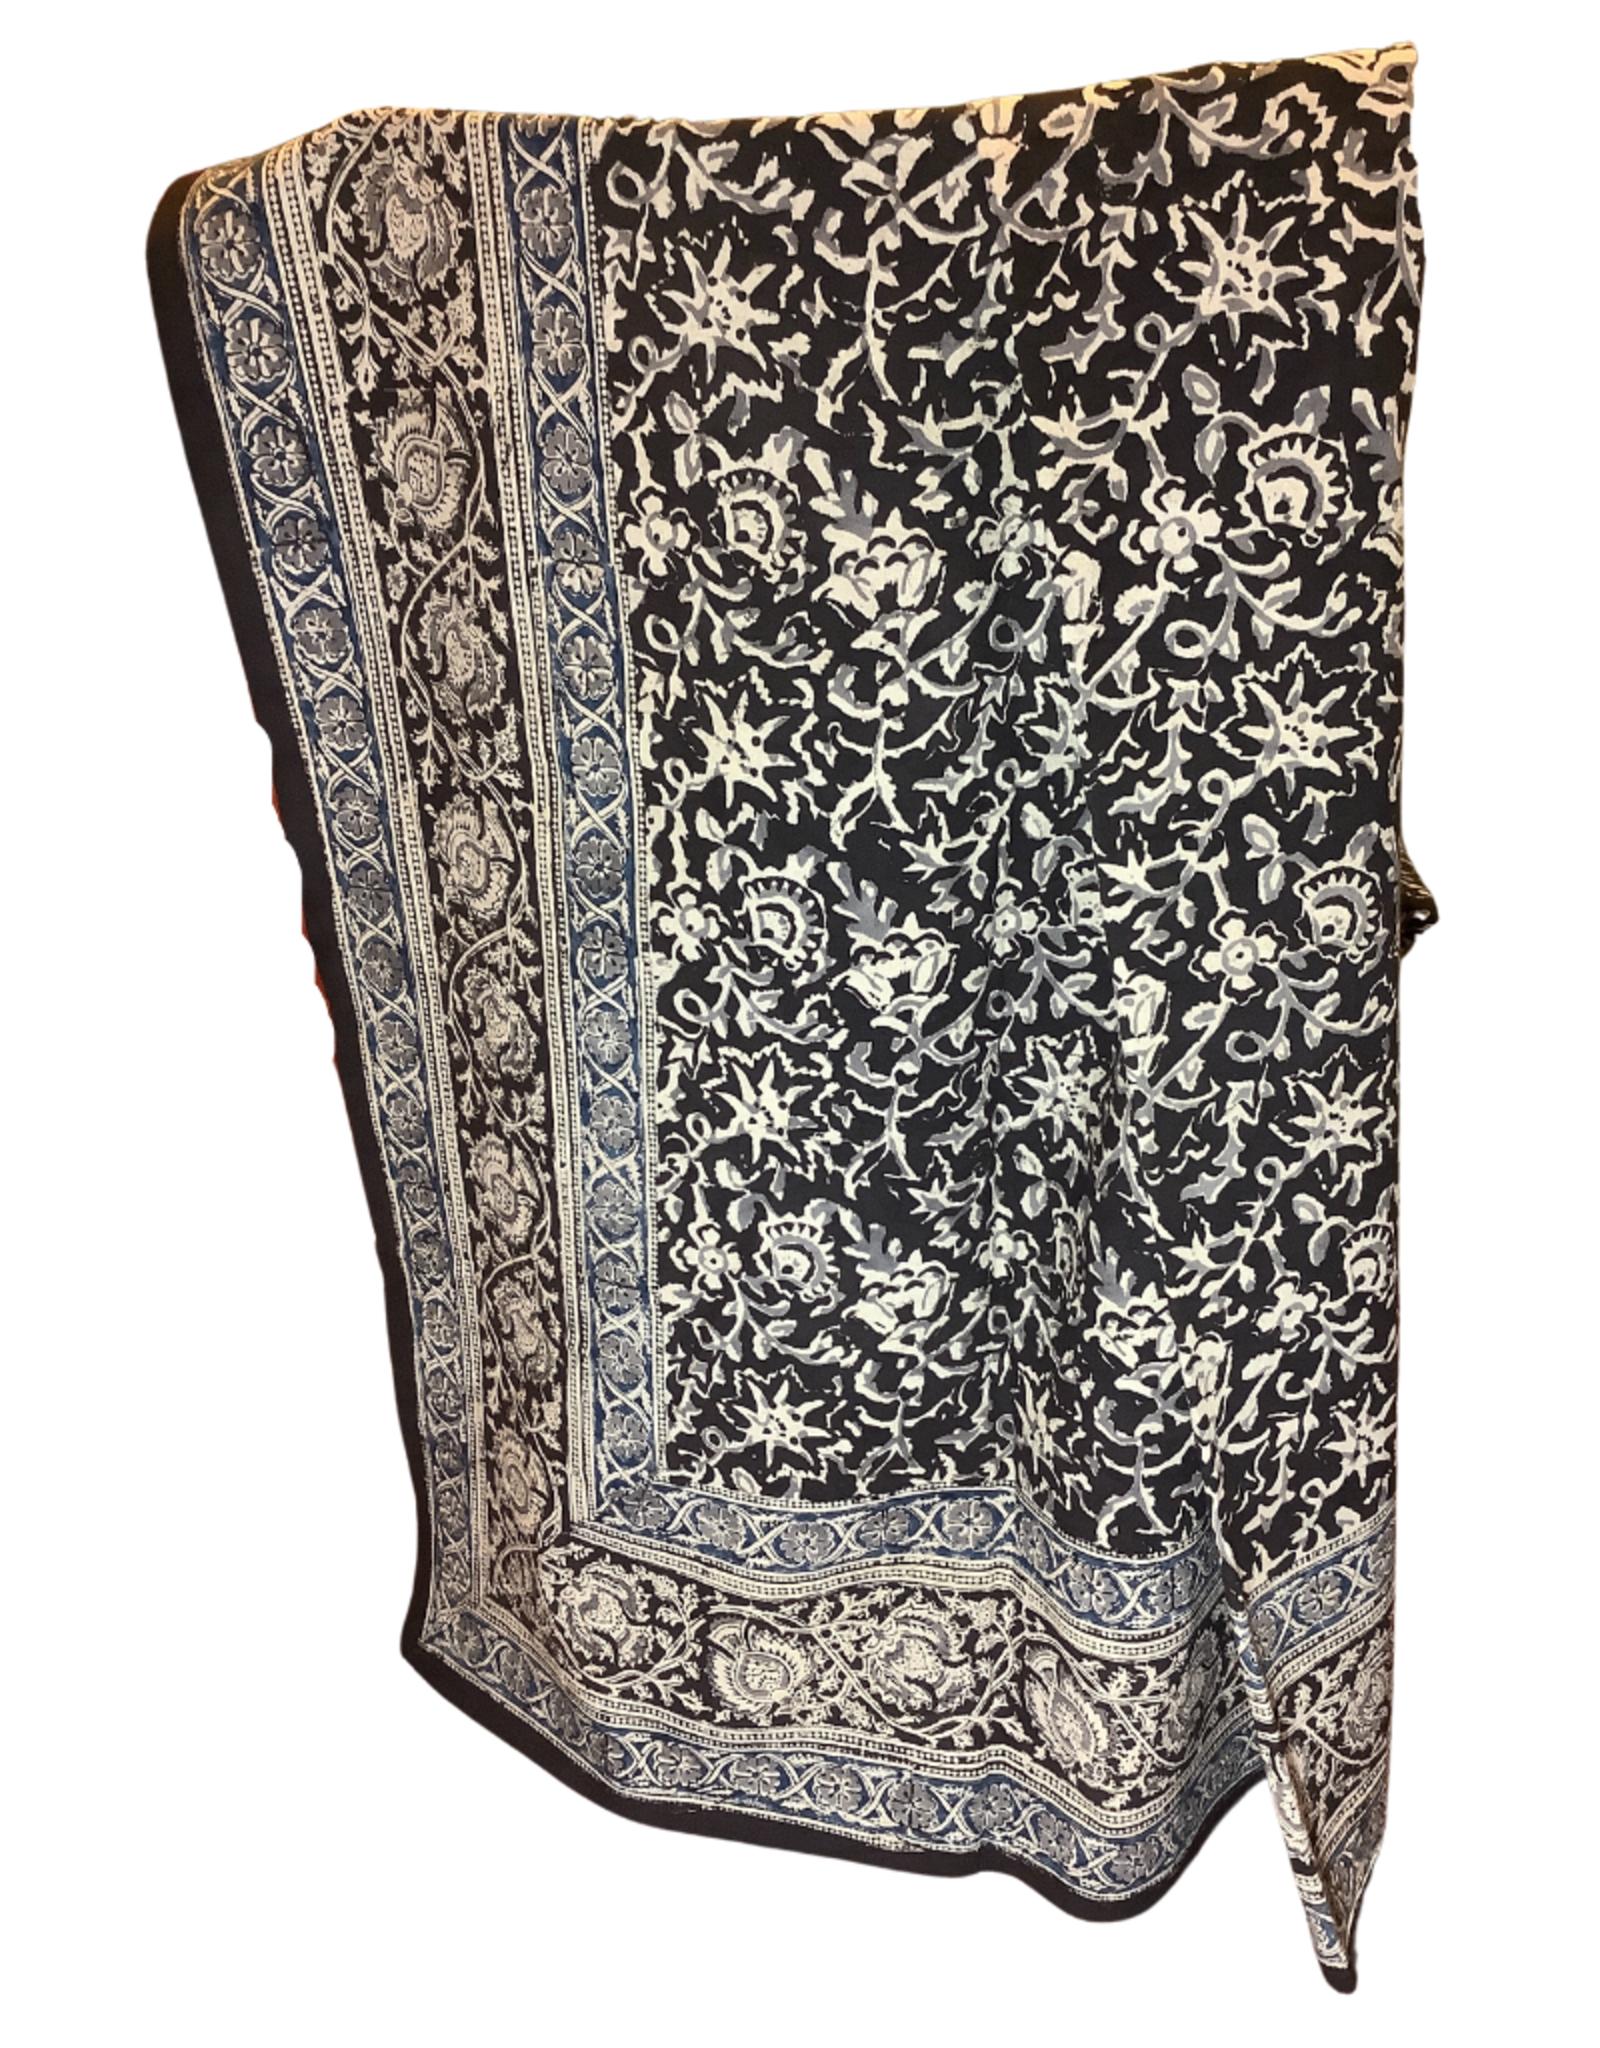 Tablecloth Floral Vines Cotton blk/nat/blue